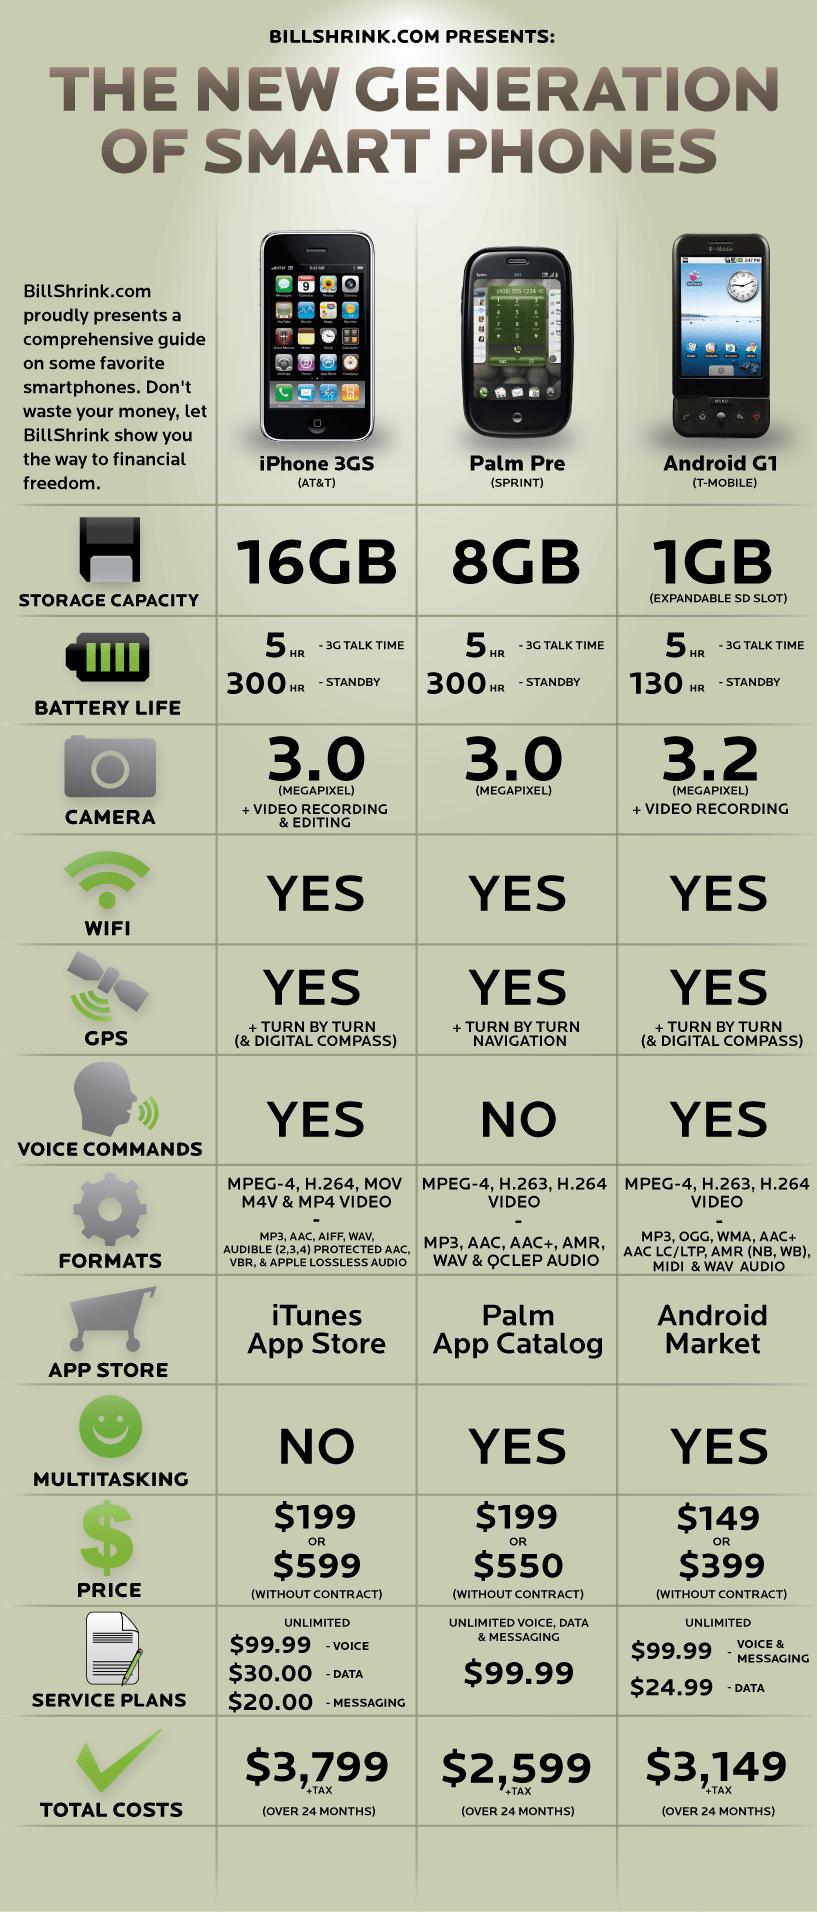 Le coûts totaux aux USA : iPhone 3GS, Palm Pré, et T-Mobile G1 (HTC Dream)